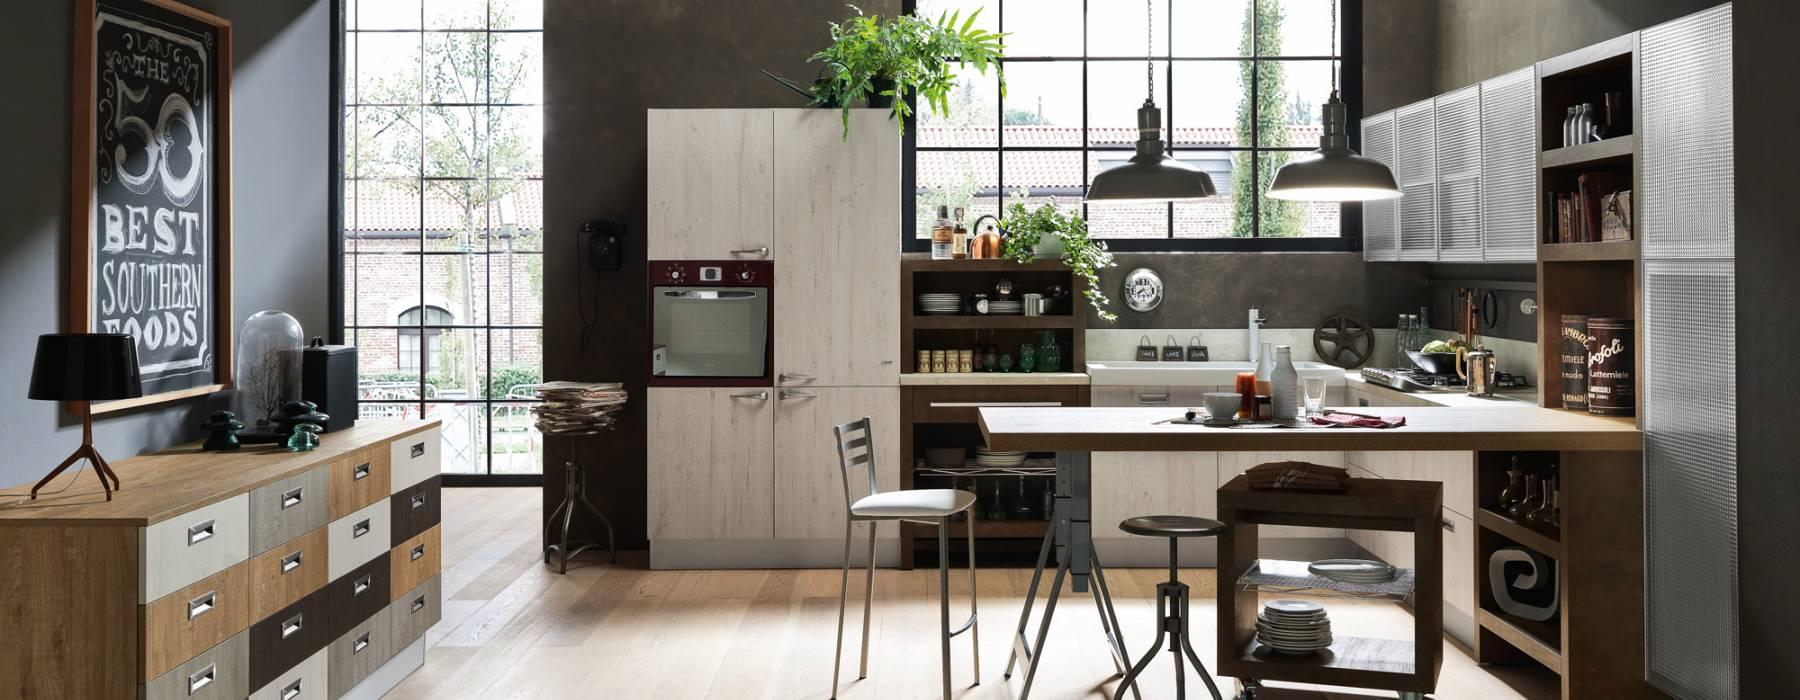 Le cucine in stile provenzale e industrial chic: Febal 2015